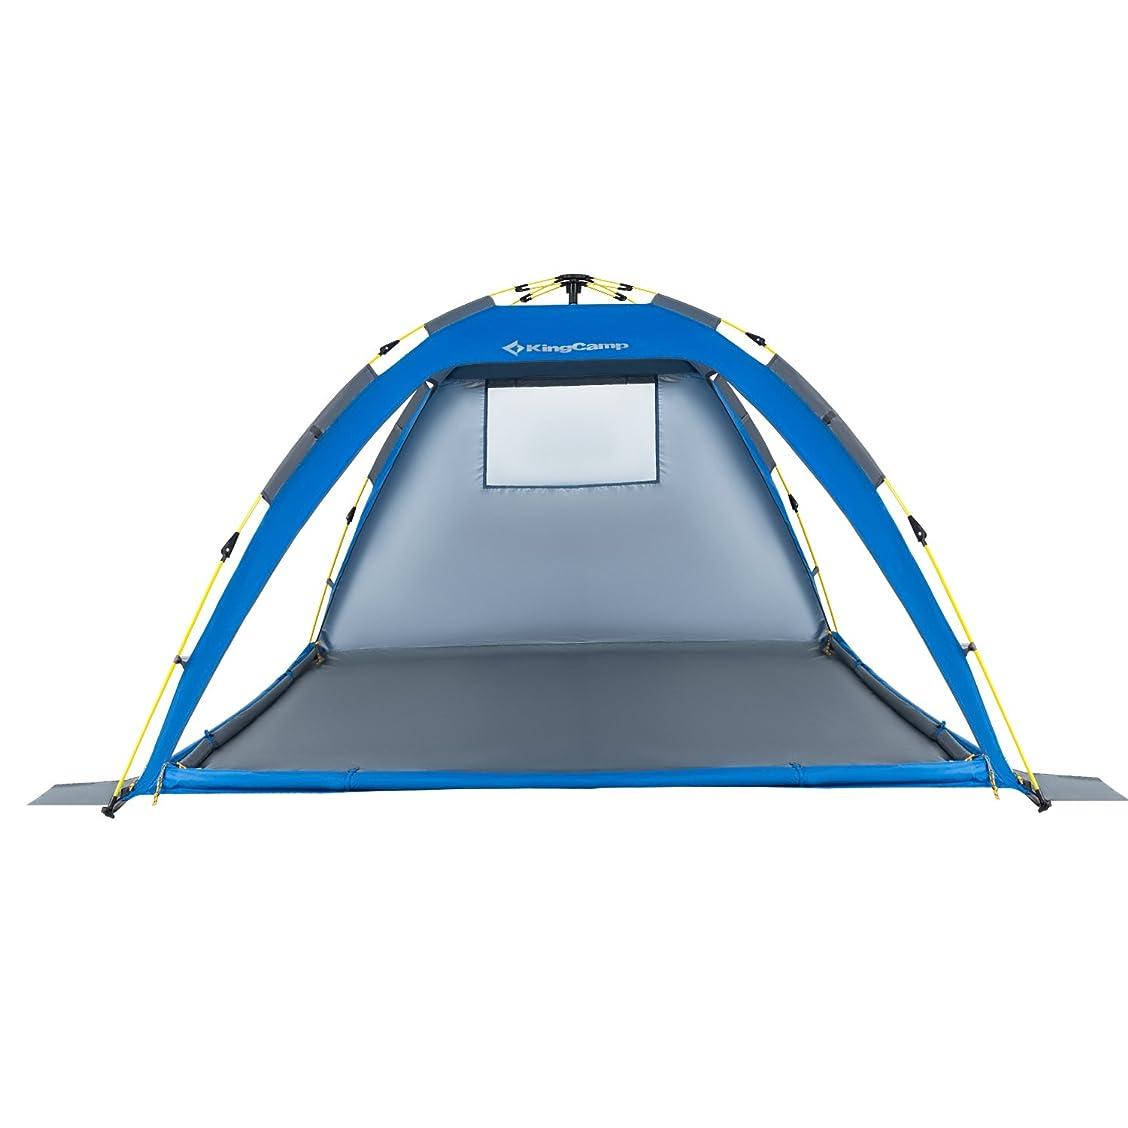 情報インチ相反するKingCamp テント ワンタッチ フルクローズ 3~4人用 ビーチテント 3way サンシェード キャンプテント 3面 メッシュスクリーン付き 5秒簡単設営 UVカット 軽量 アウトドア 花見 ピクニック 運動会 KT4082